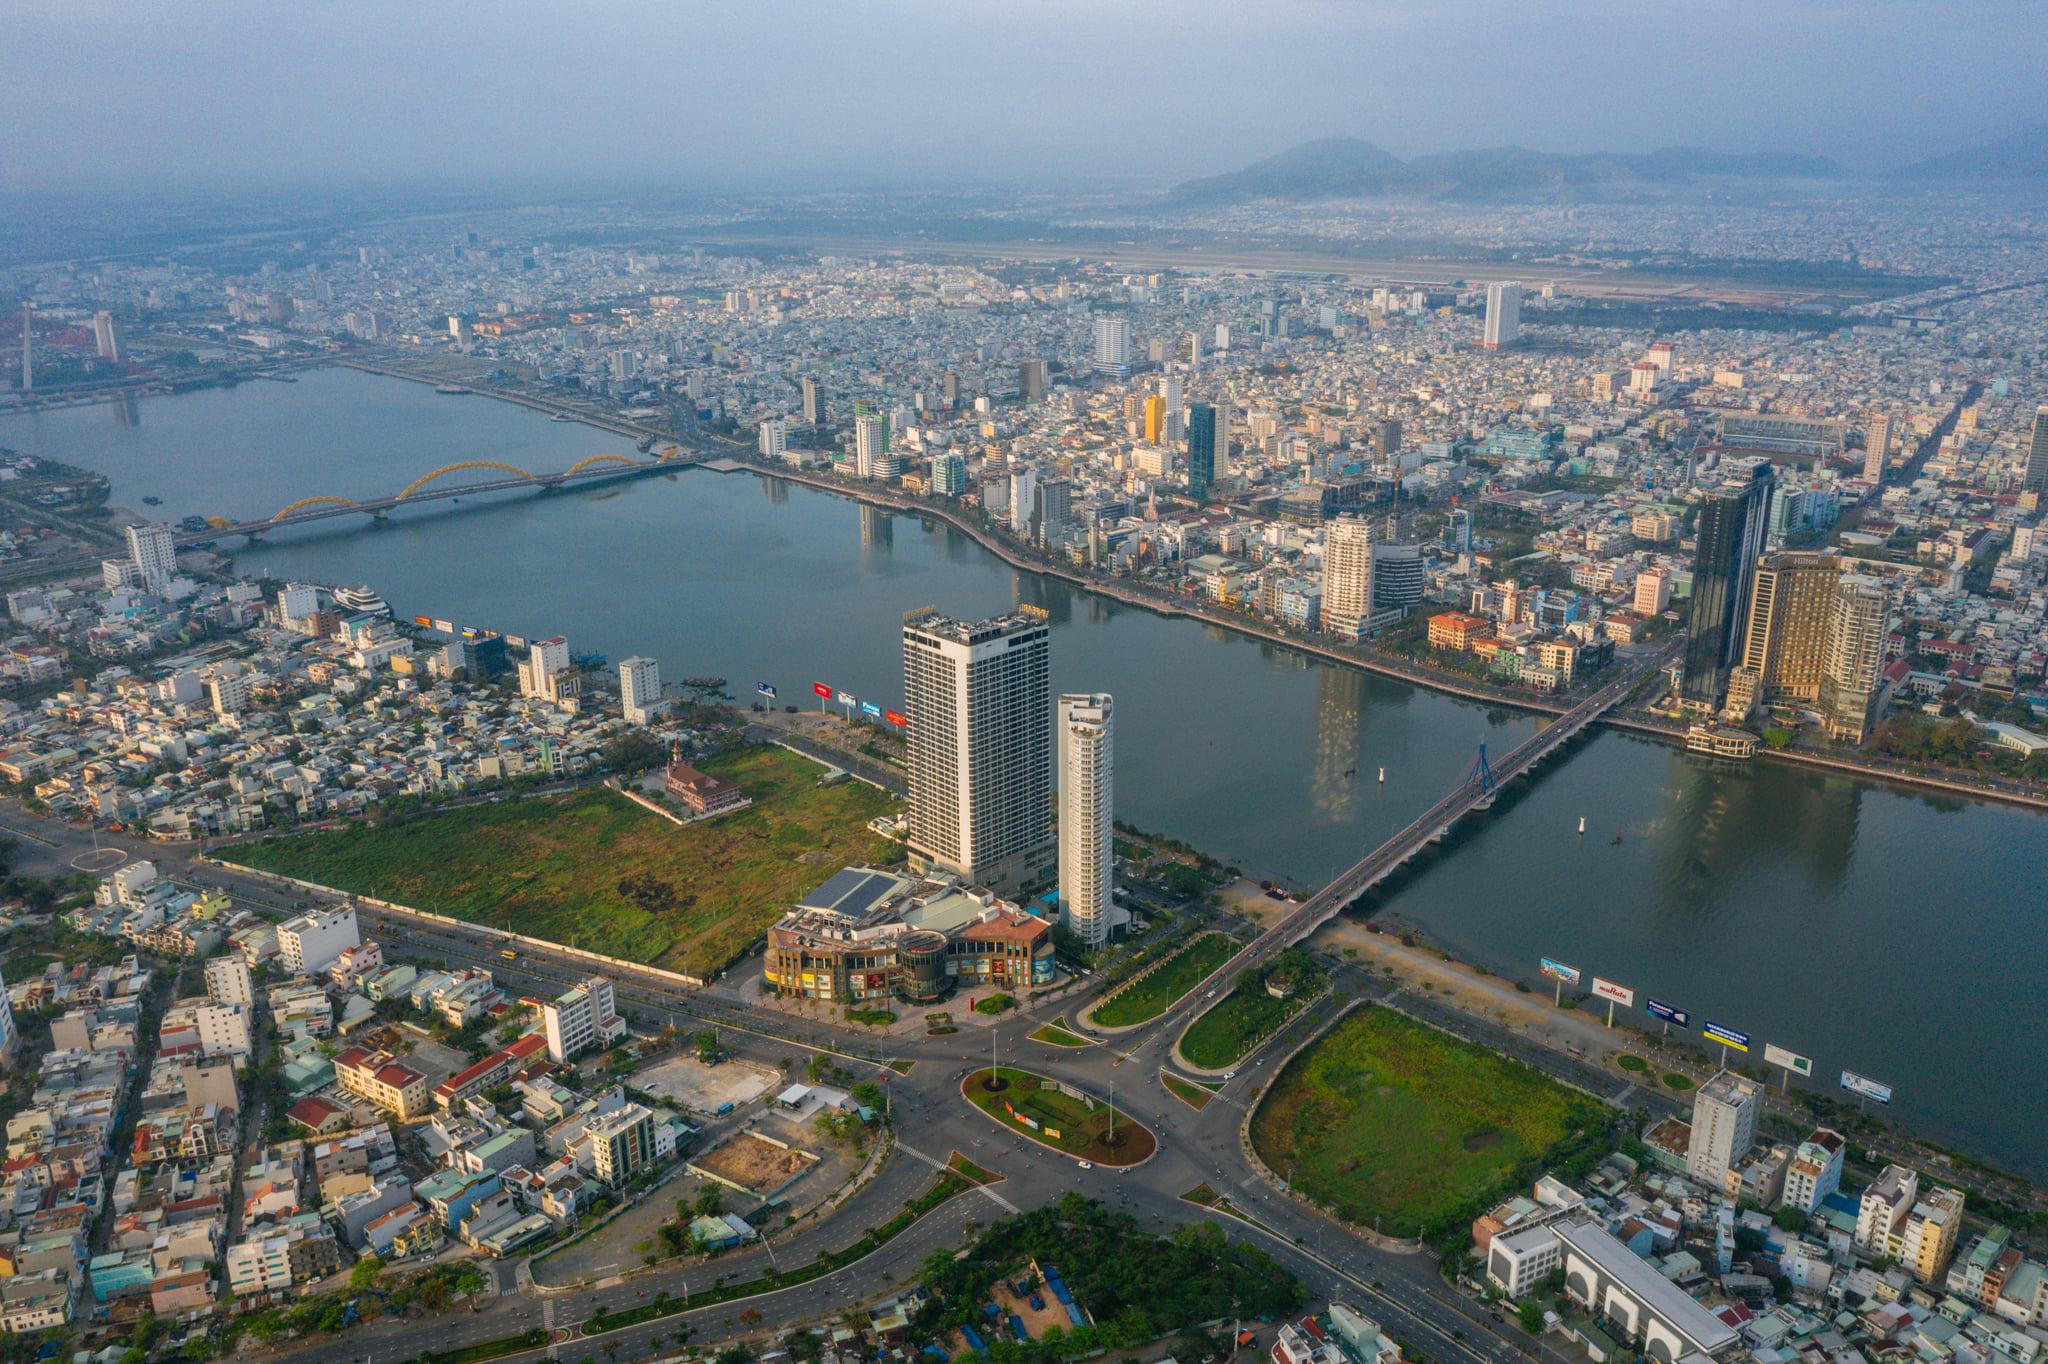 Đà Nẵng giảm tỷ lệ tính đơn giá thuê đất để hỗ trợ đầu tư - Ảnh 1.